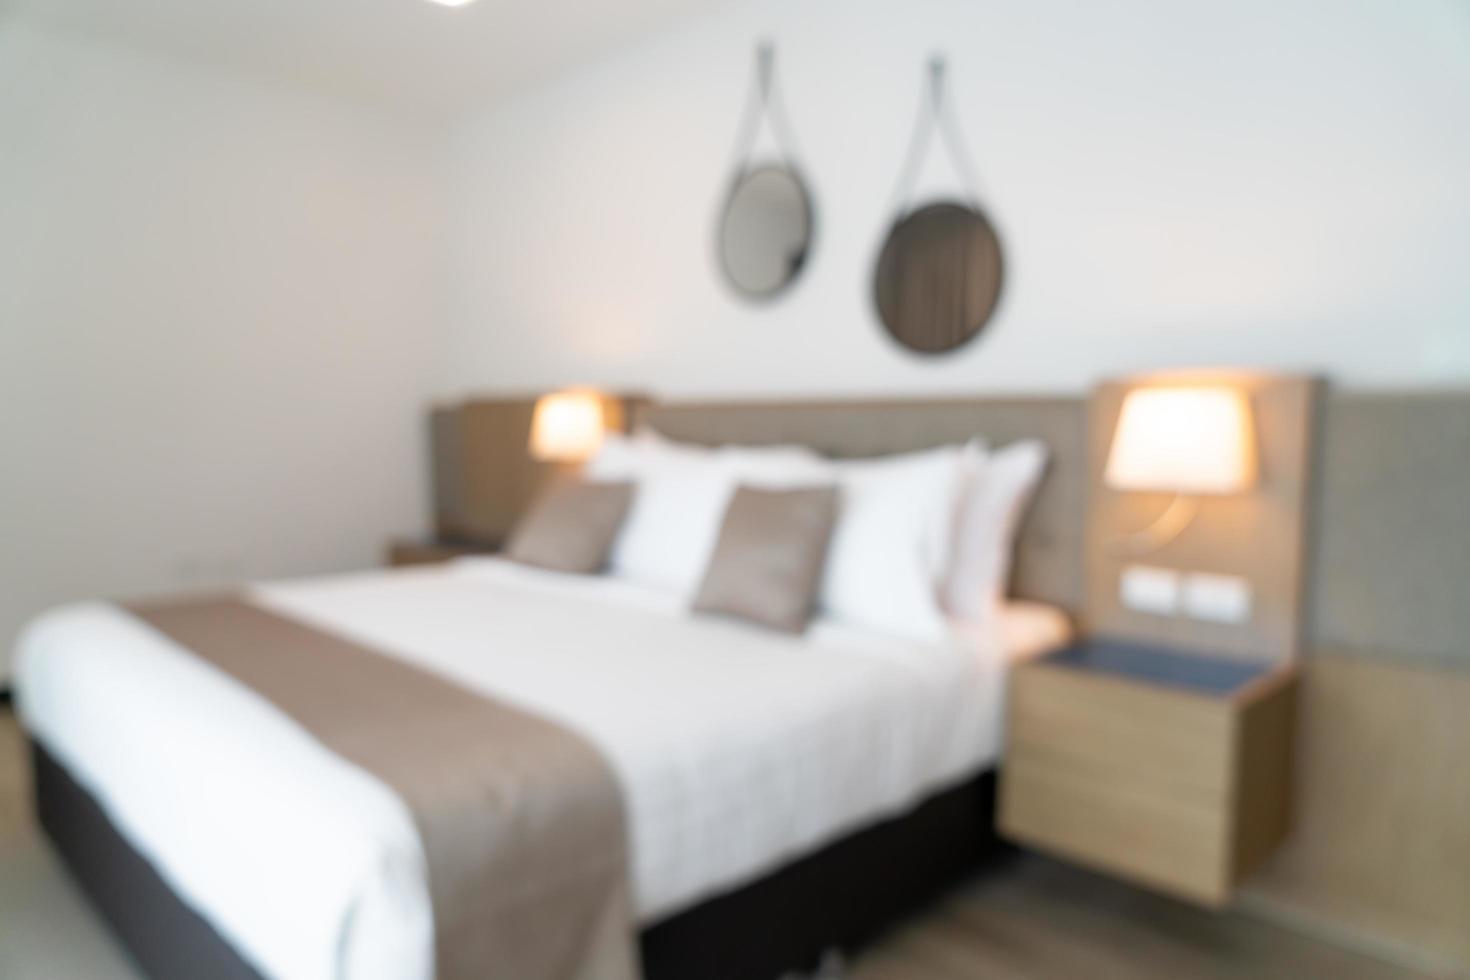 sfocatura astratta bella camera da letto di un hotel di lusso foto